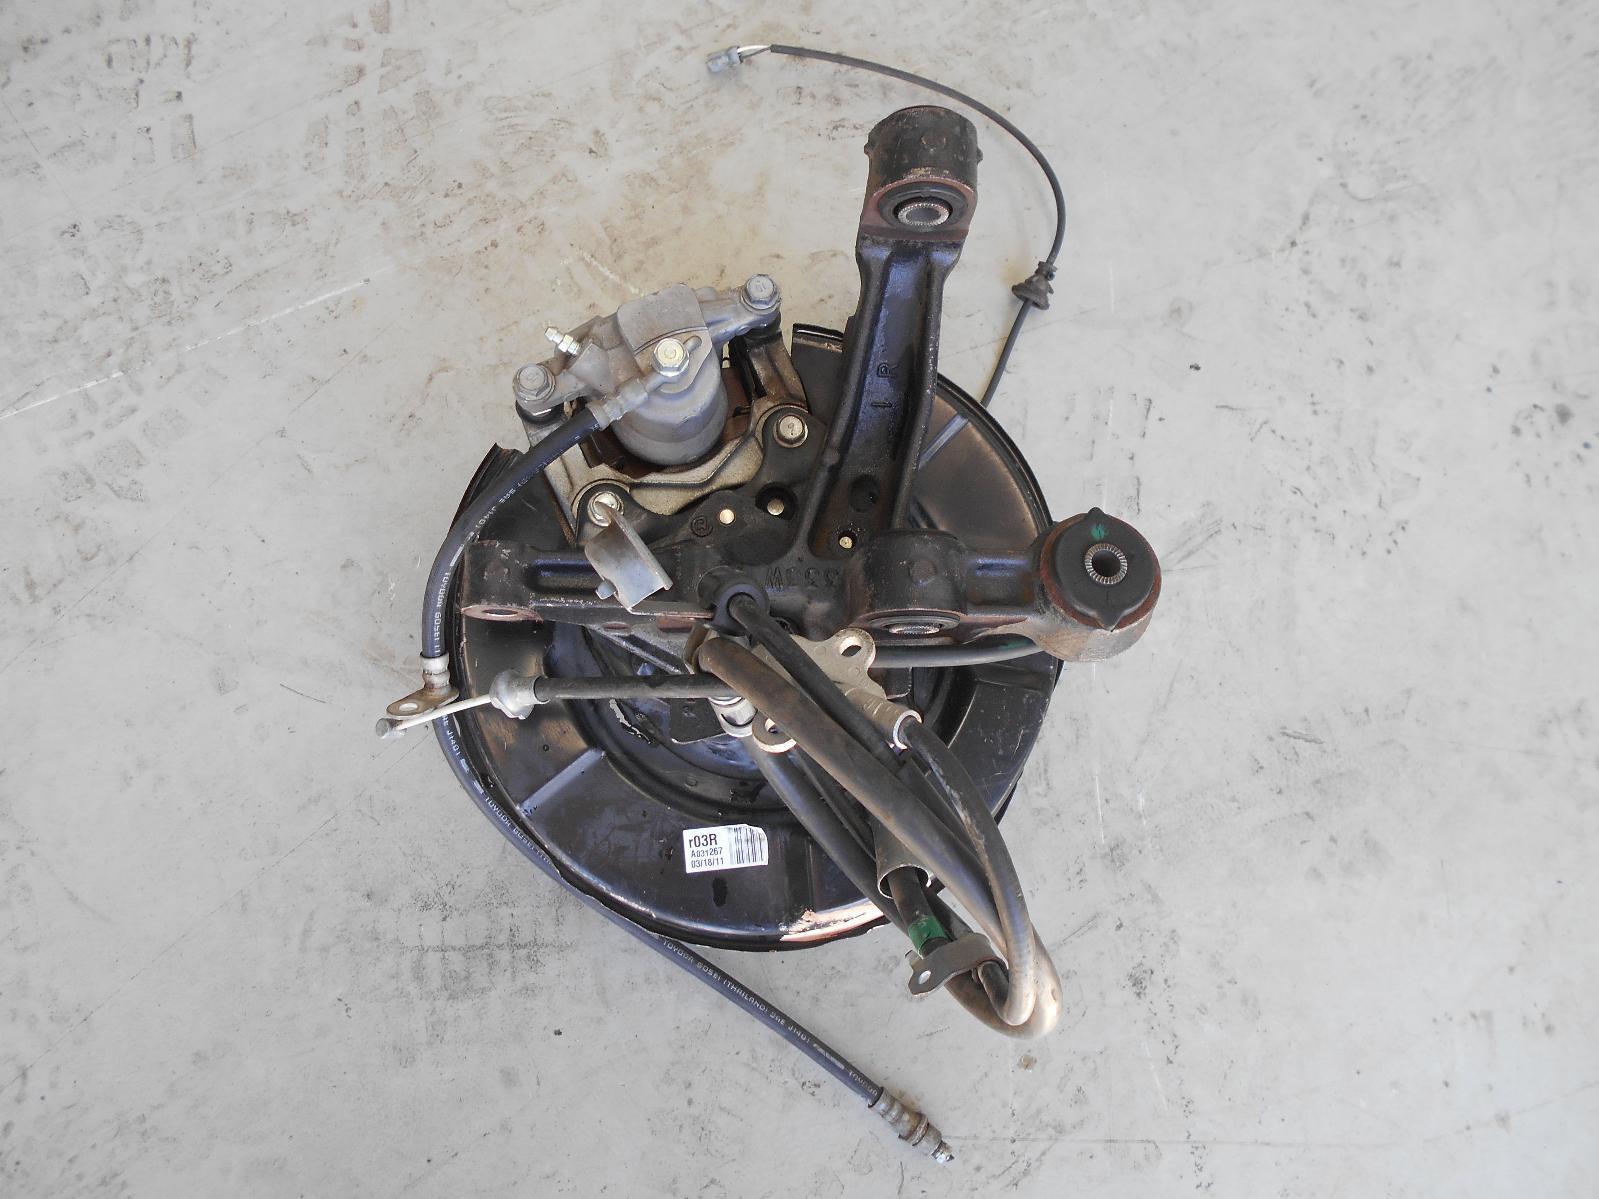 TOYOTA CAMRY, Right Rear Hub Assembly, XV40, 06/06-02/12